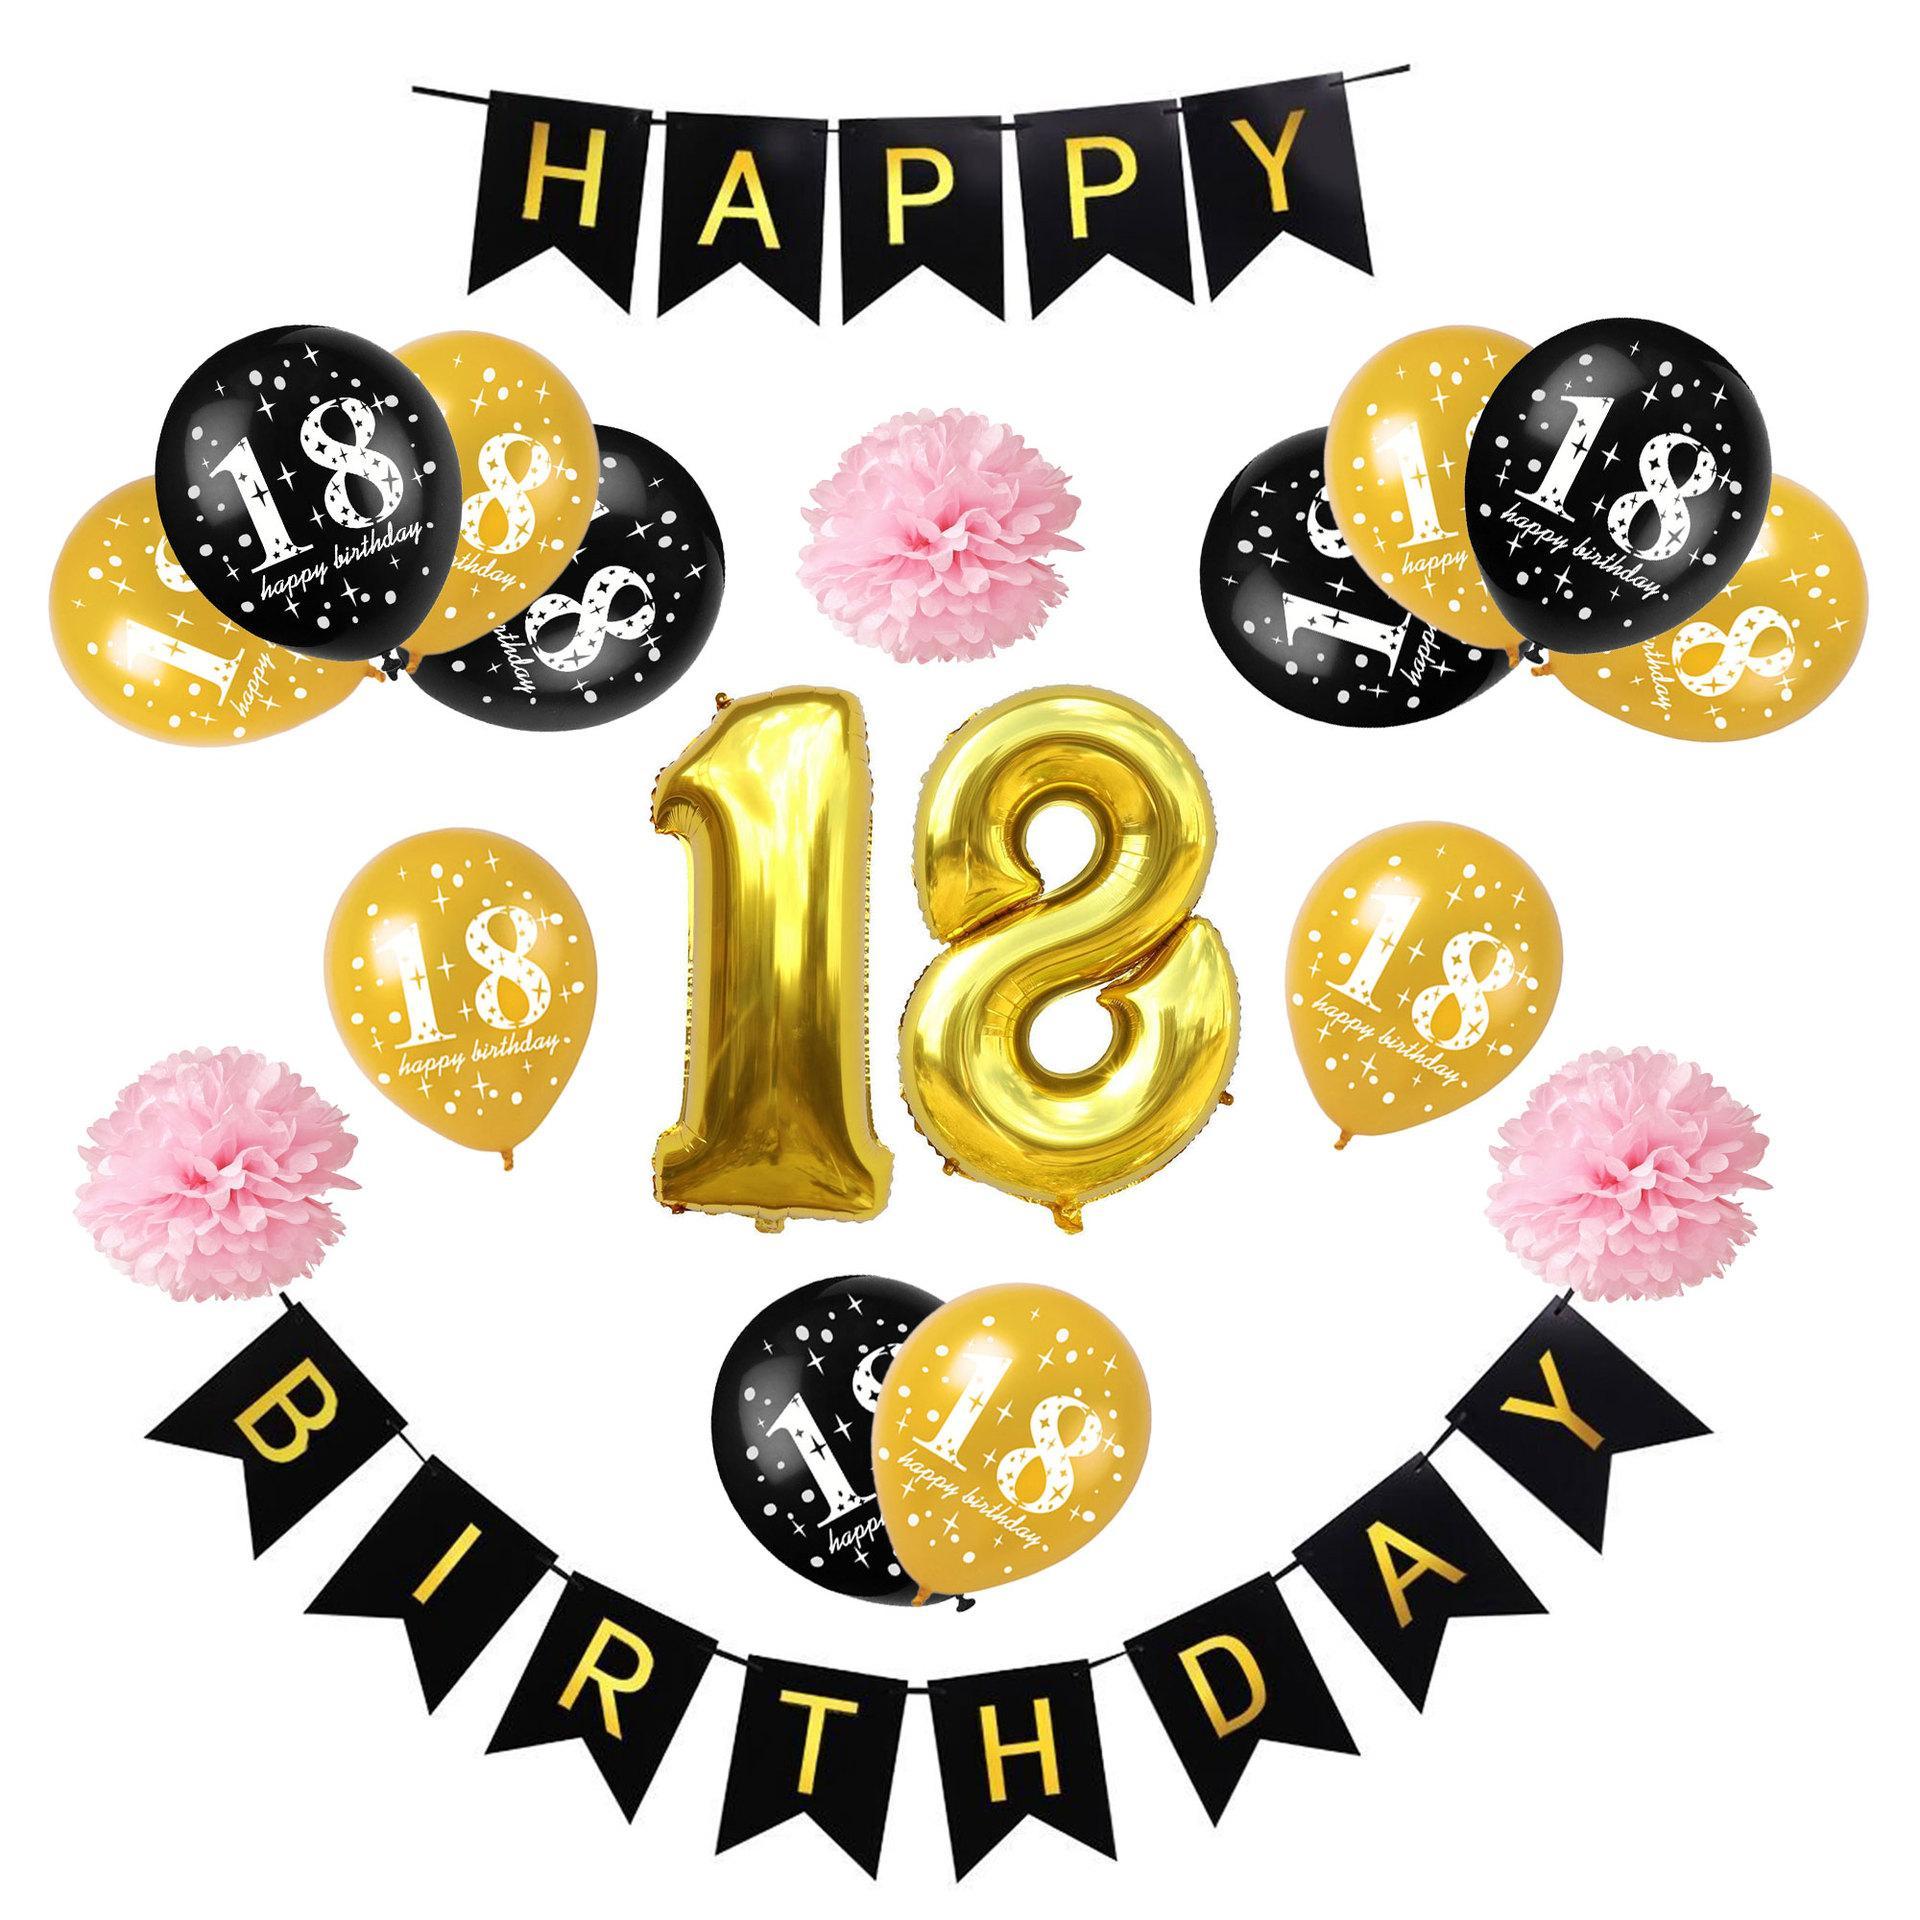 def519547 Compre 18 ° Fiesta De Cumpleaños Decoraciones Globo De Oro Negro Hoja  Digital Número 18 Feliz Cumpleaños Tire Bandera Papel Bola Decoración De  Fiesta A ...